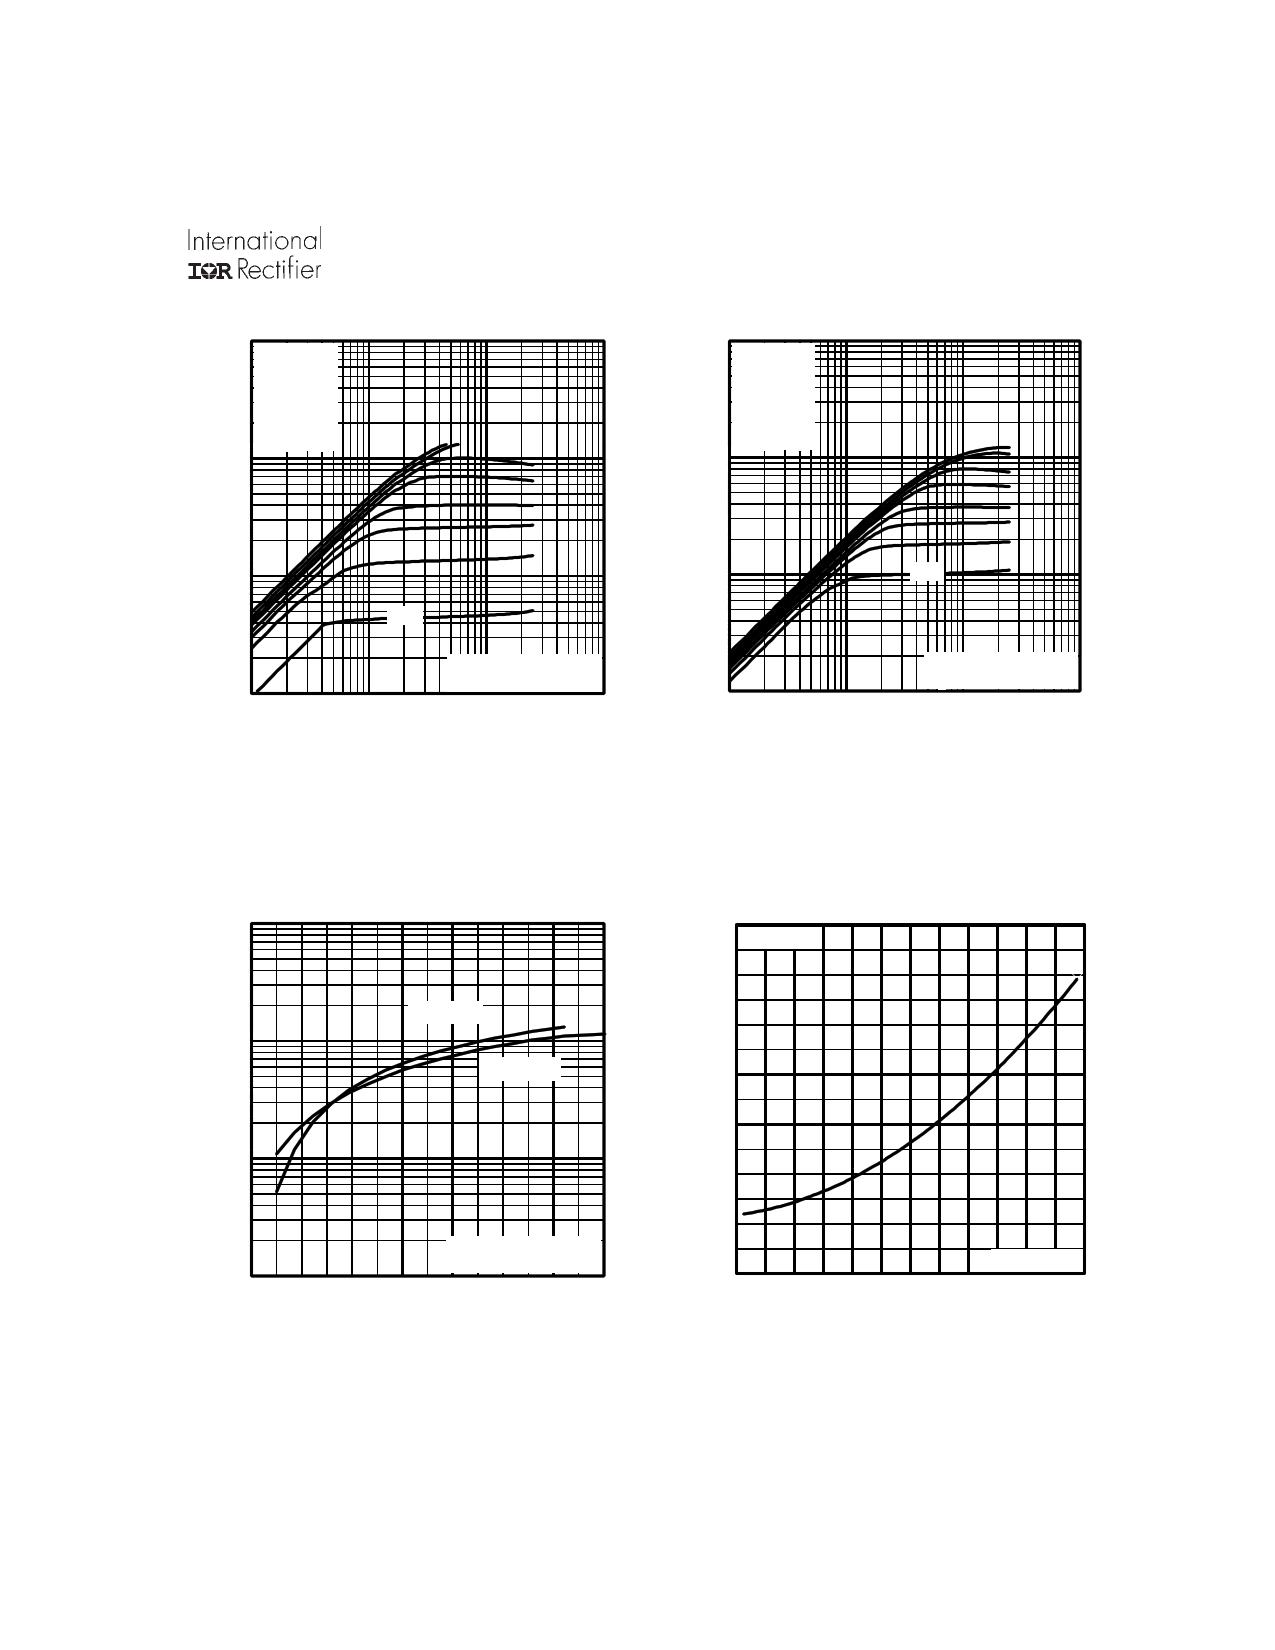 IRFZ34VLPBF pdf, ピン配列